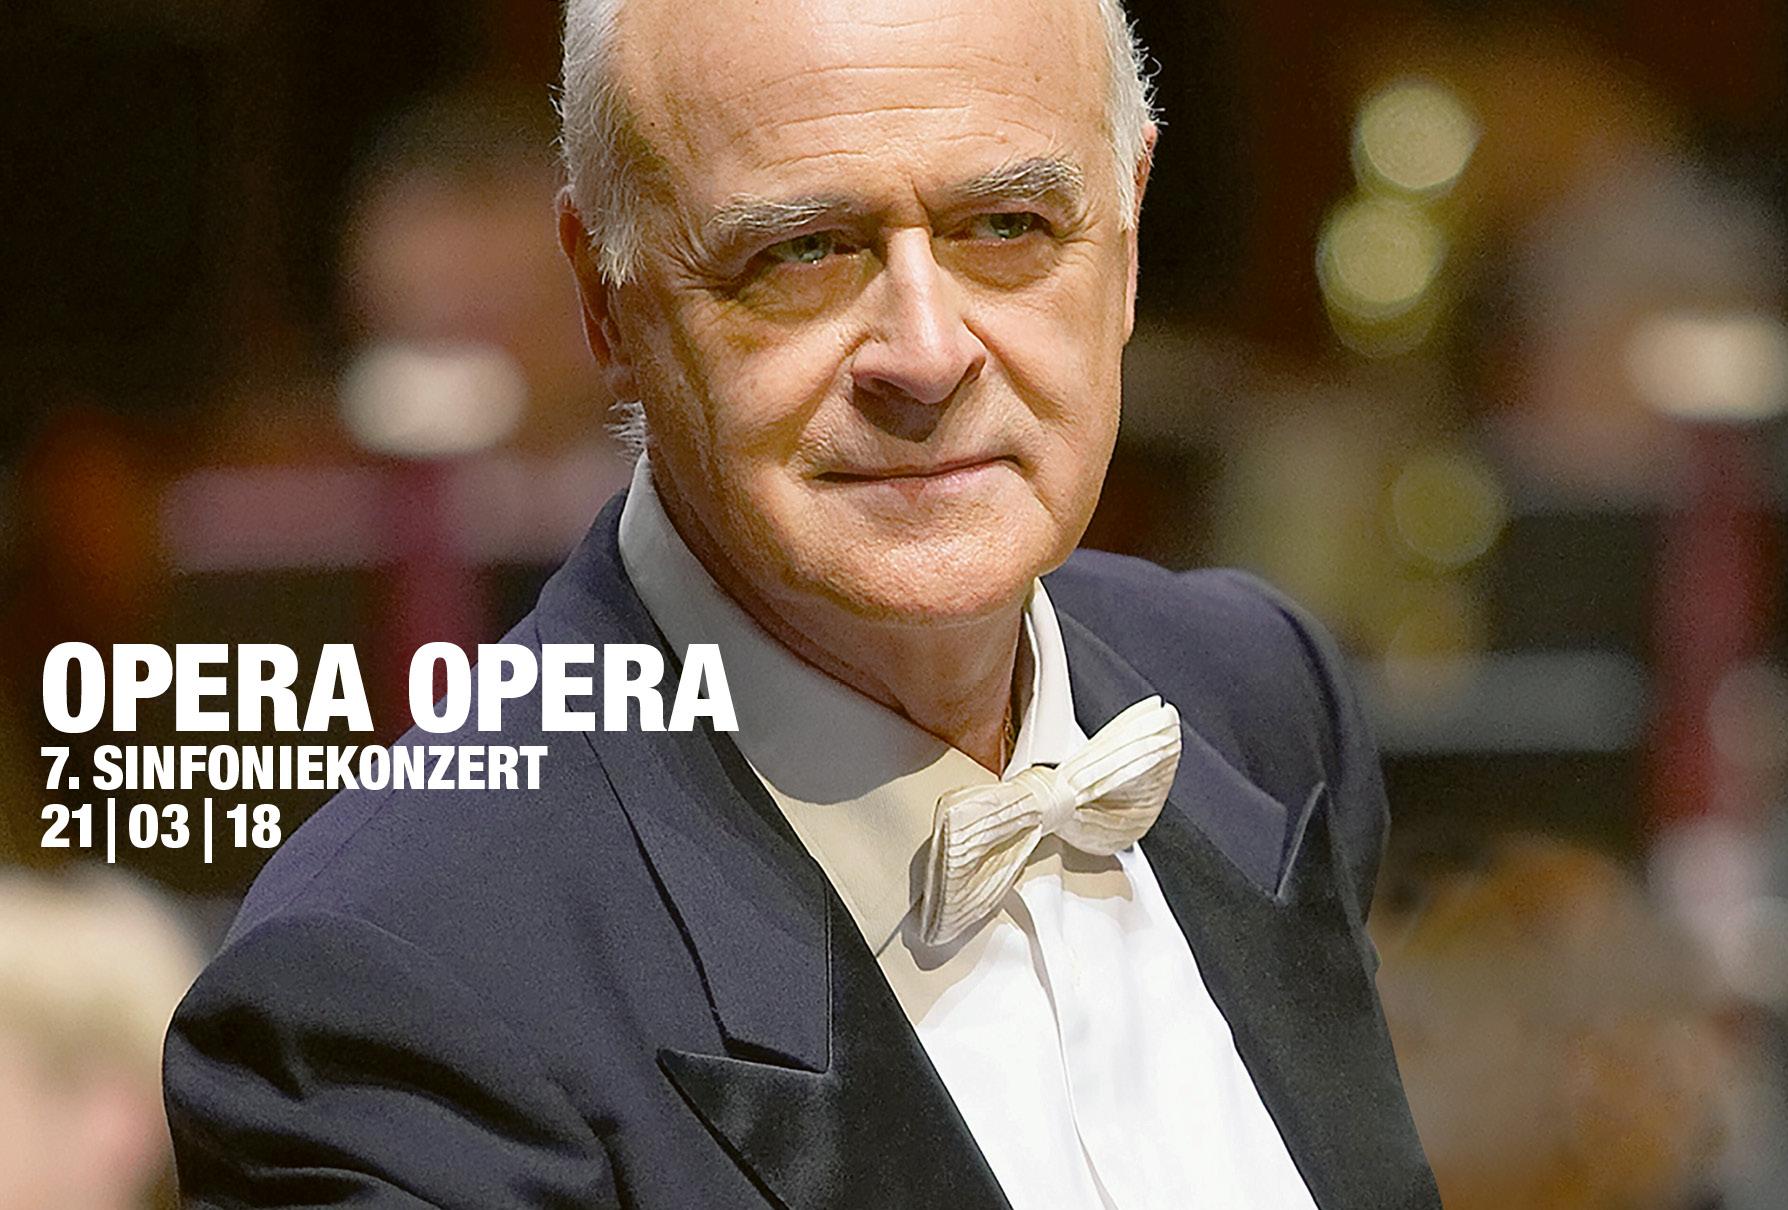 Opera Opera